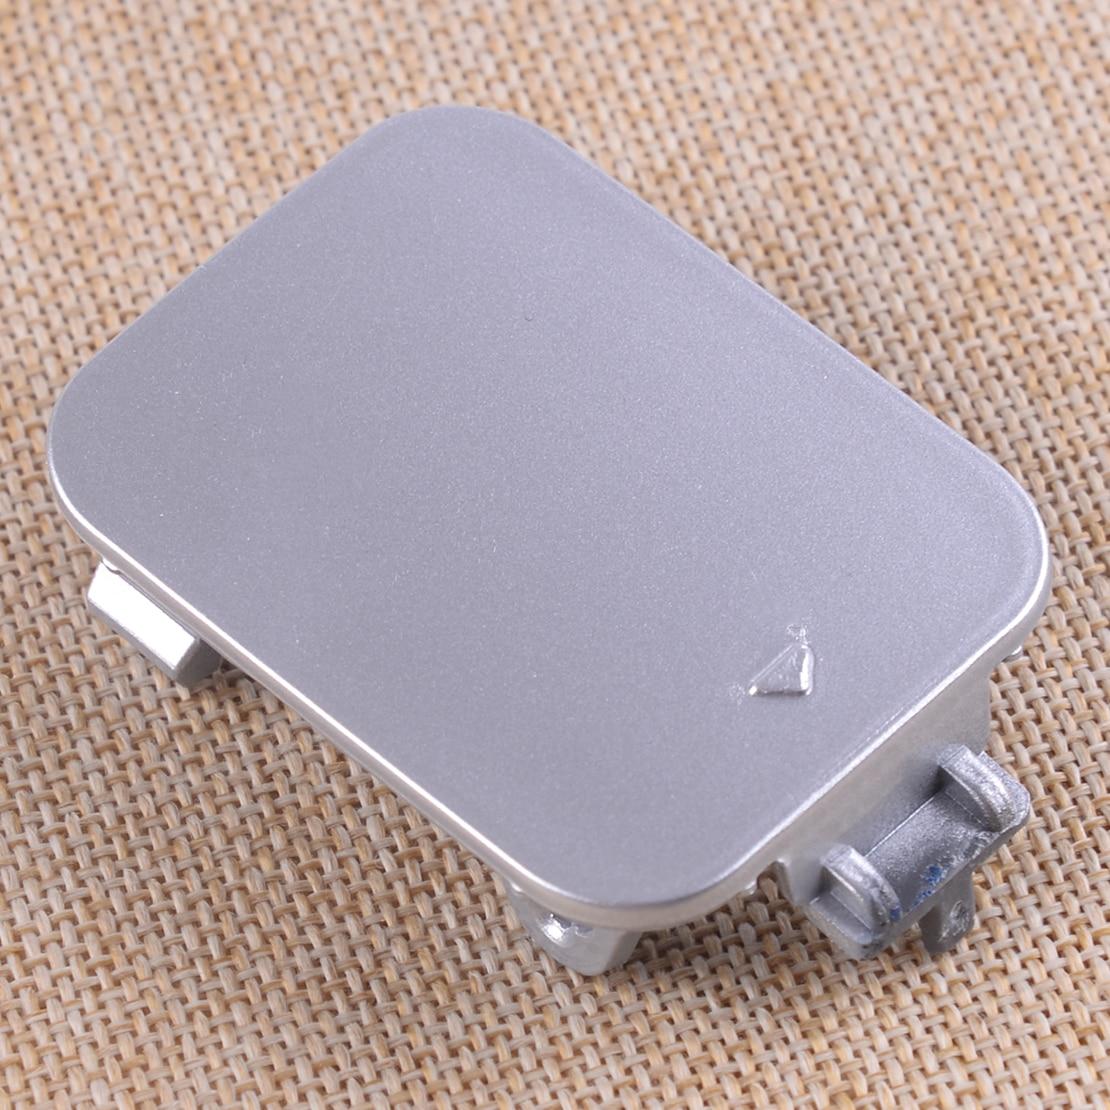 dwcx prata plastico amortecedor dianteiro gancho de reboque capa 51117184707 apto para bmw 528xi 528i 535i